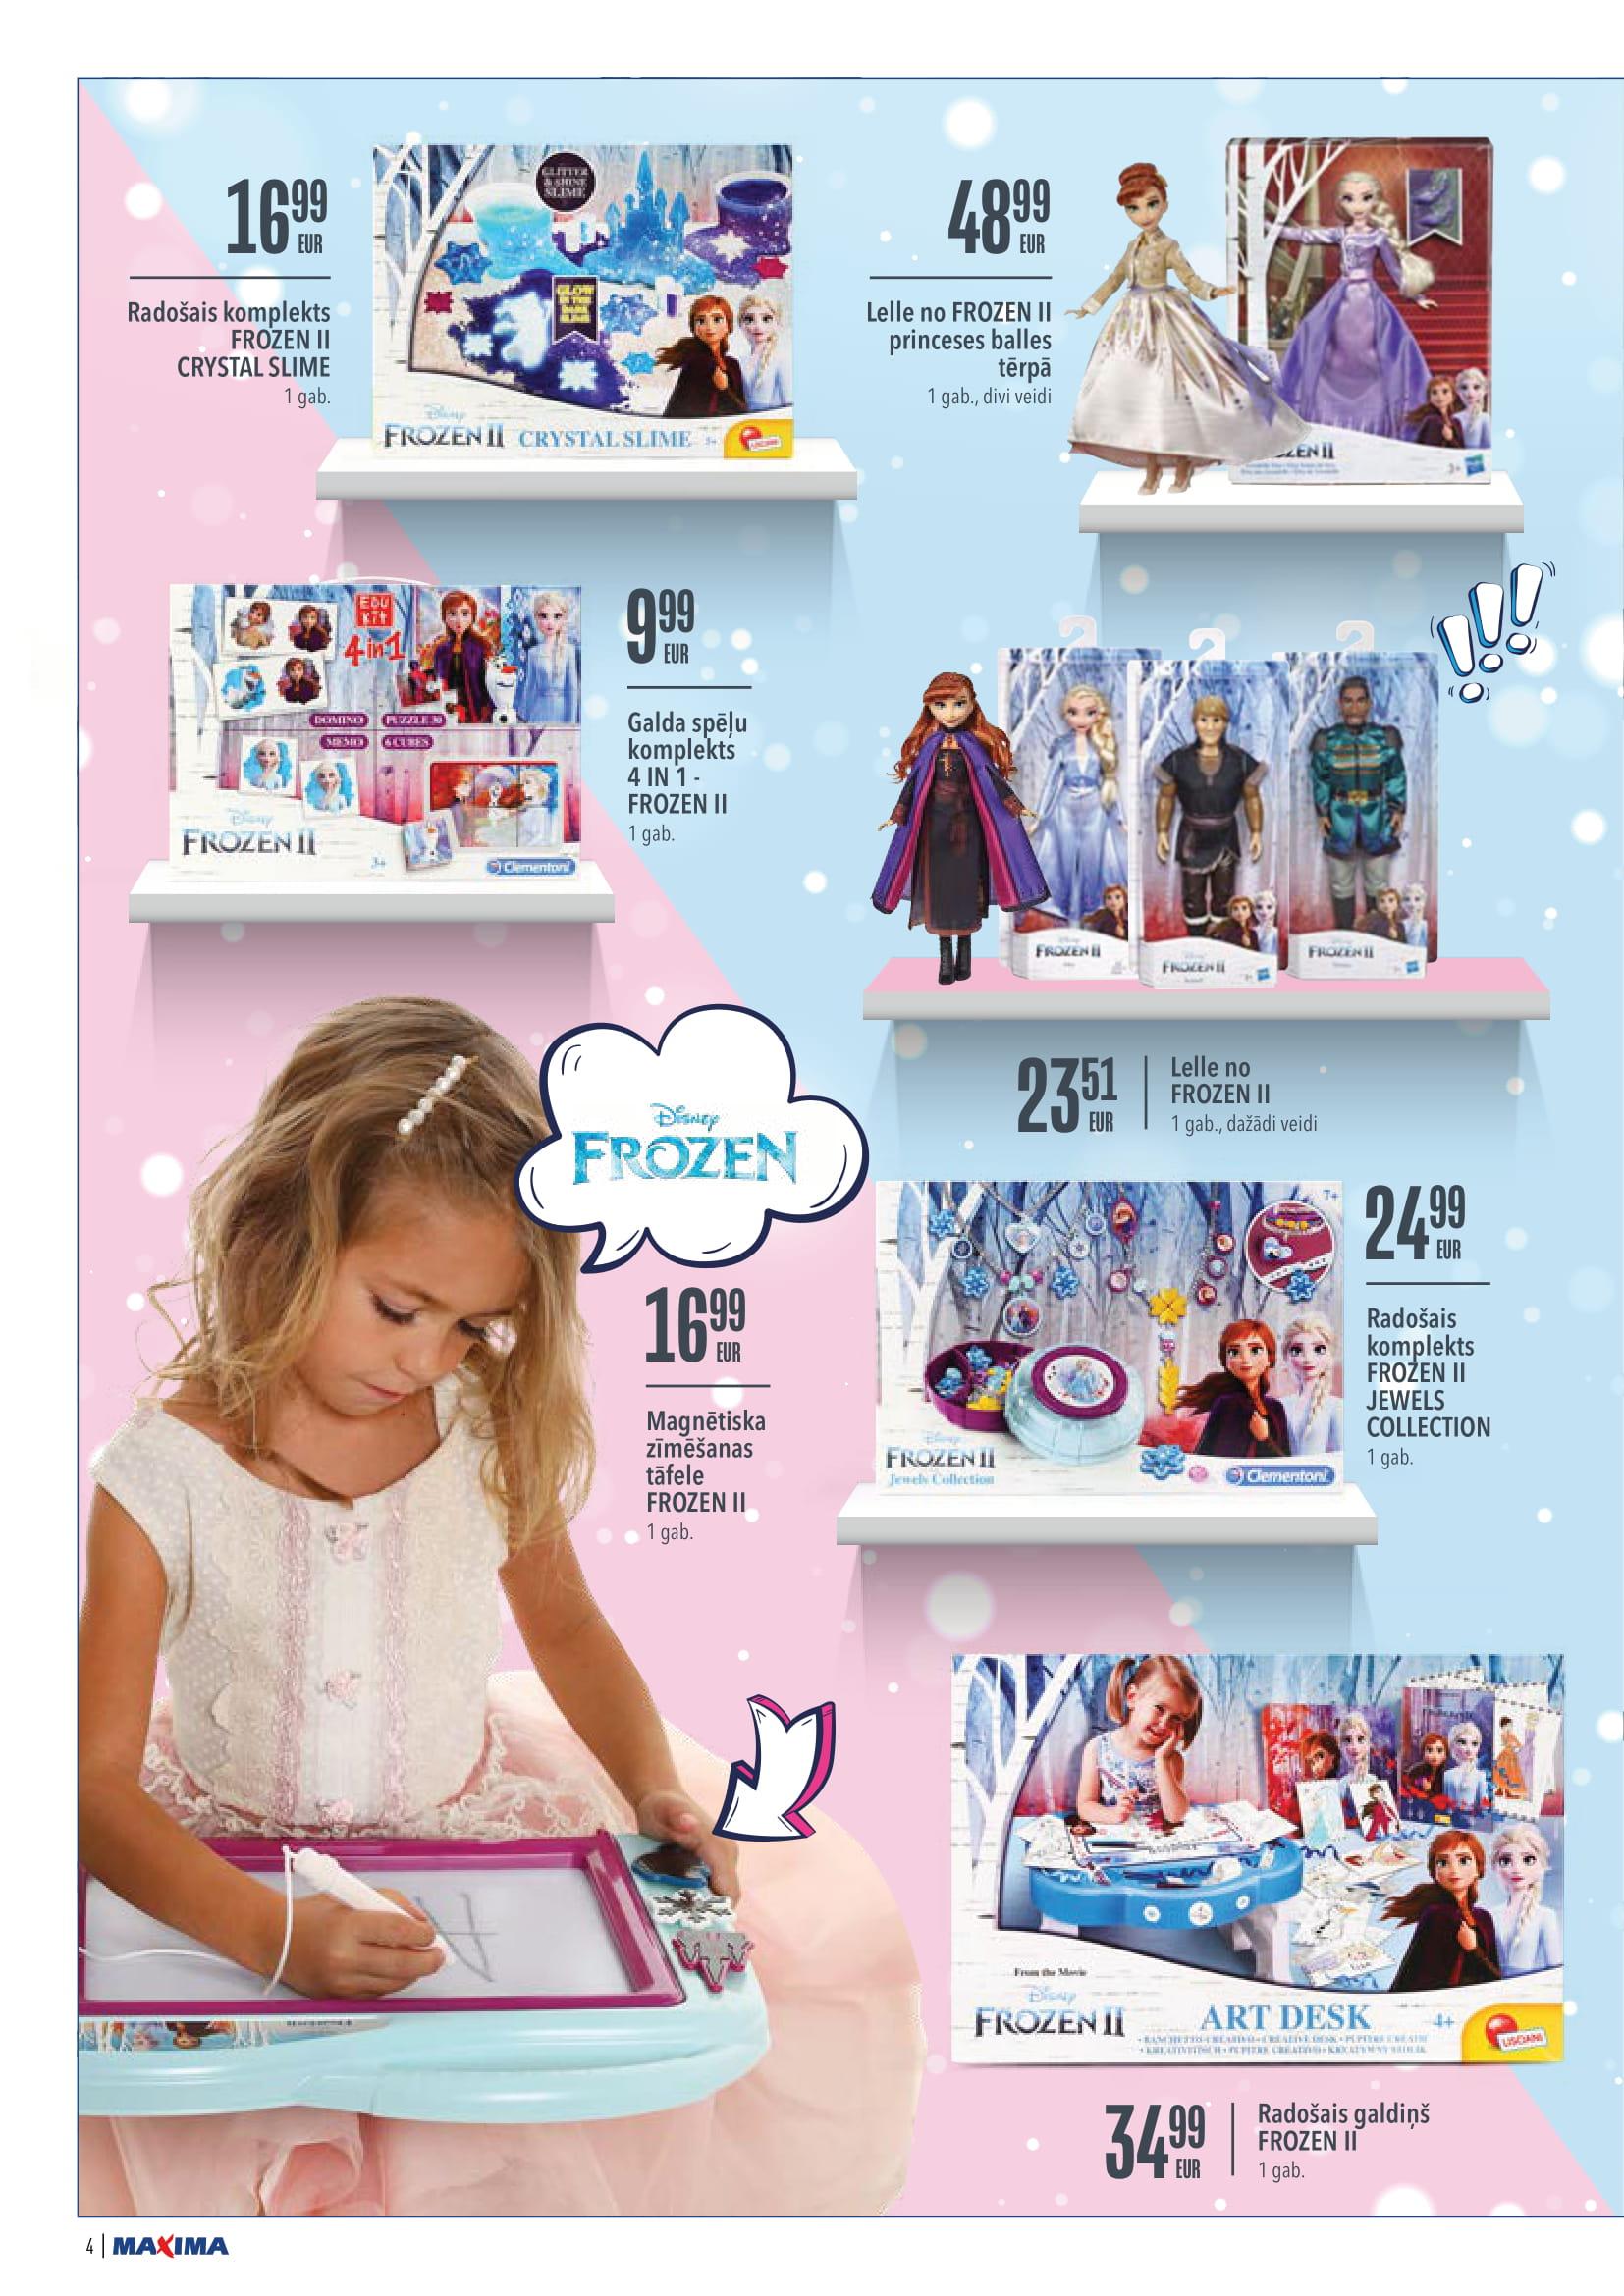 MAXIMA Rotaļlietu katalogs 05.11.2020 - 02.12.2020